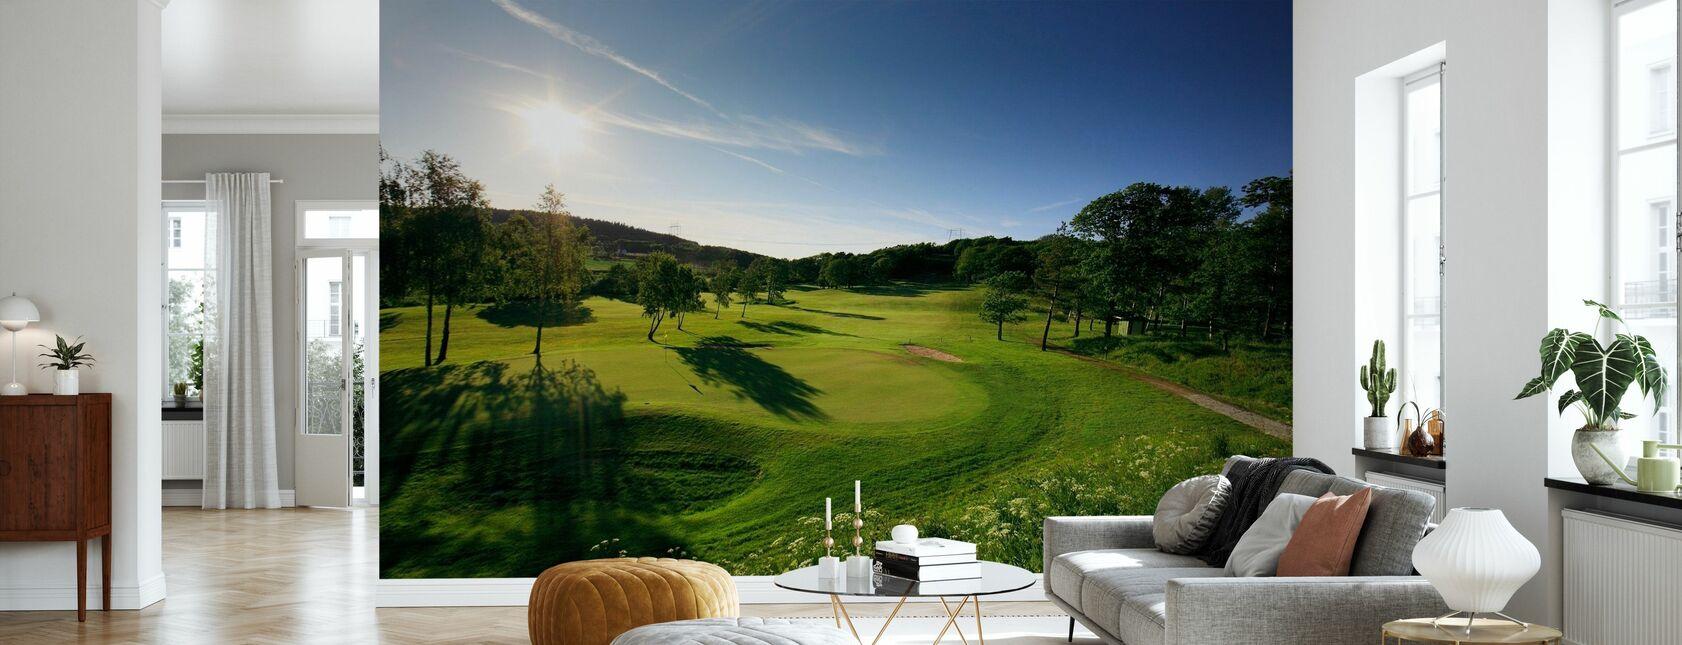 Campo da golf a Göteborg, Svezia - Carta da parati - Salotto